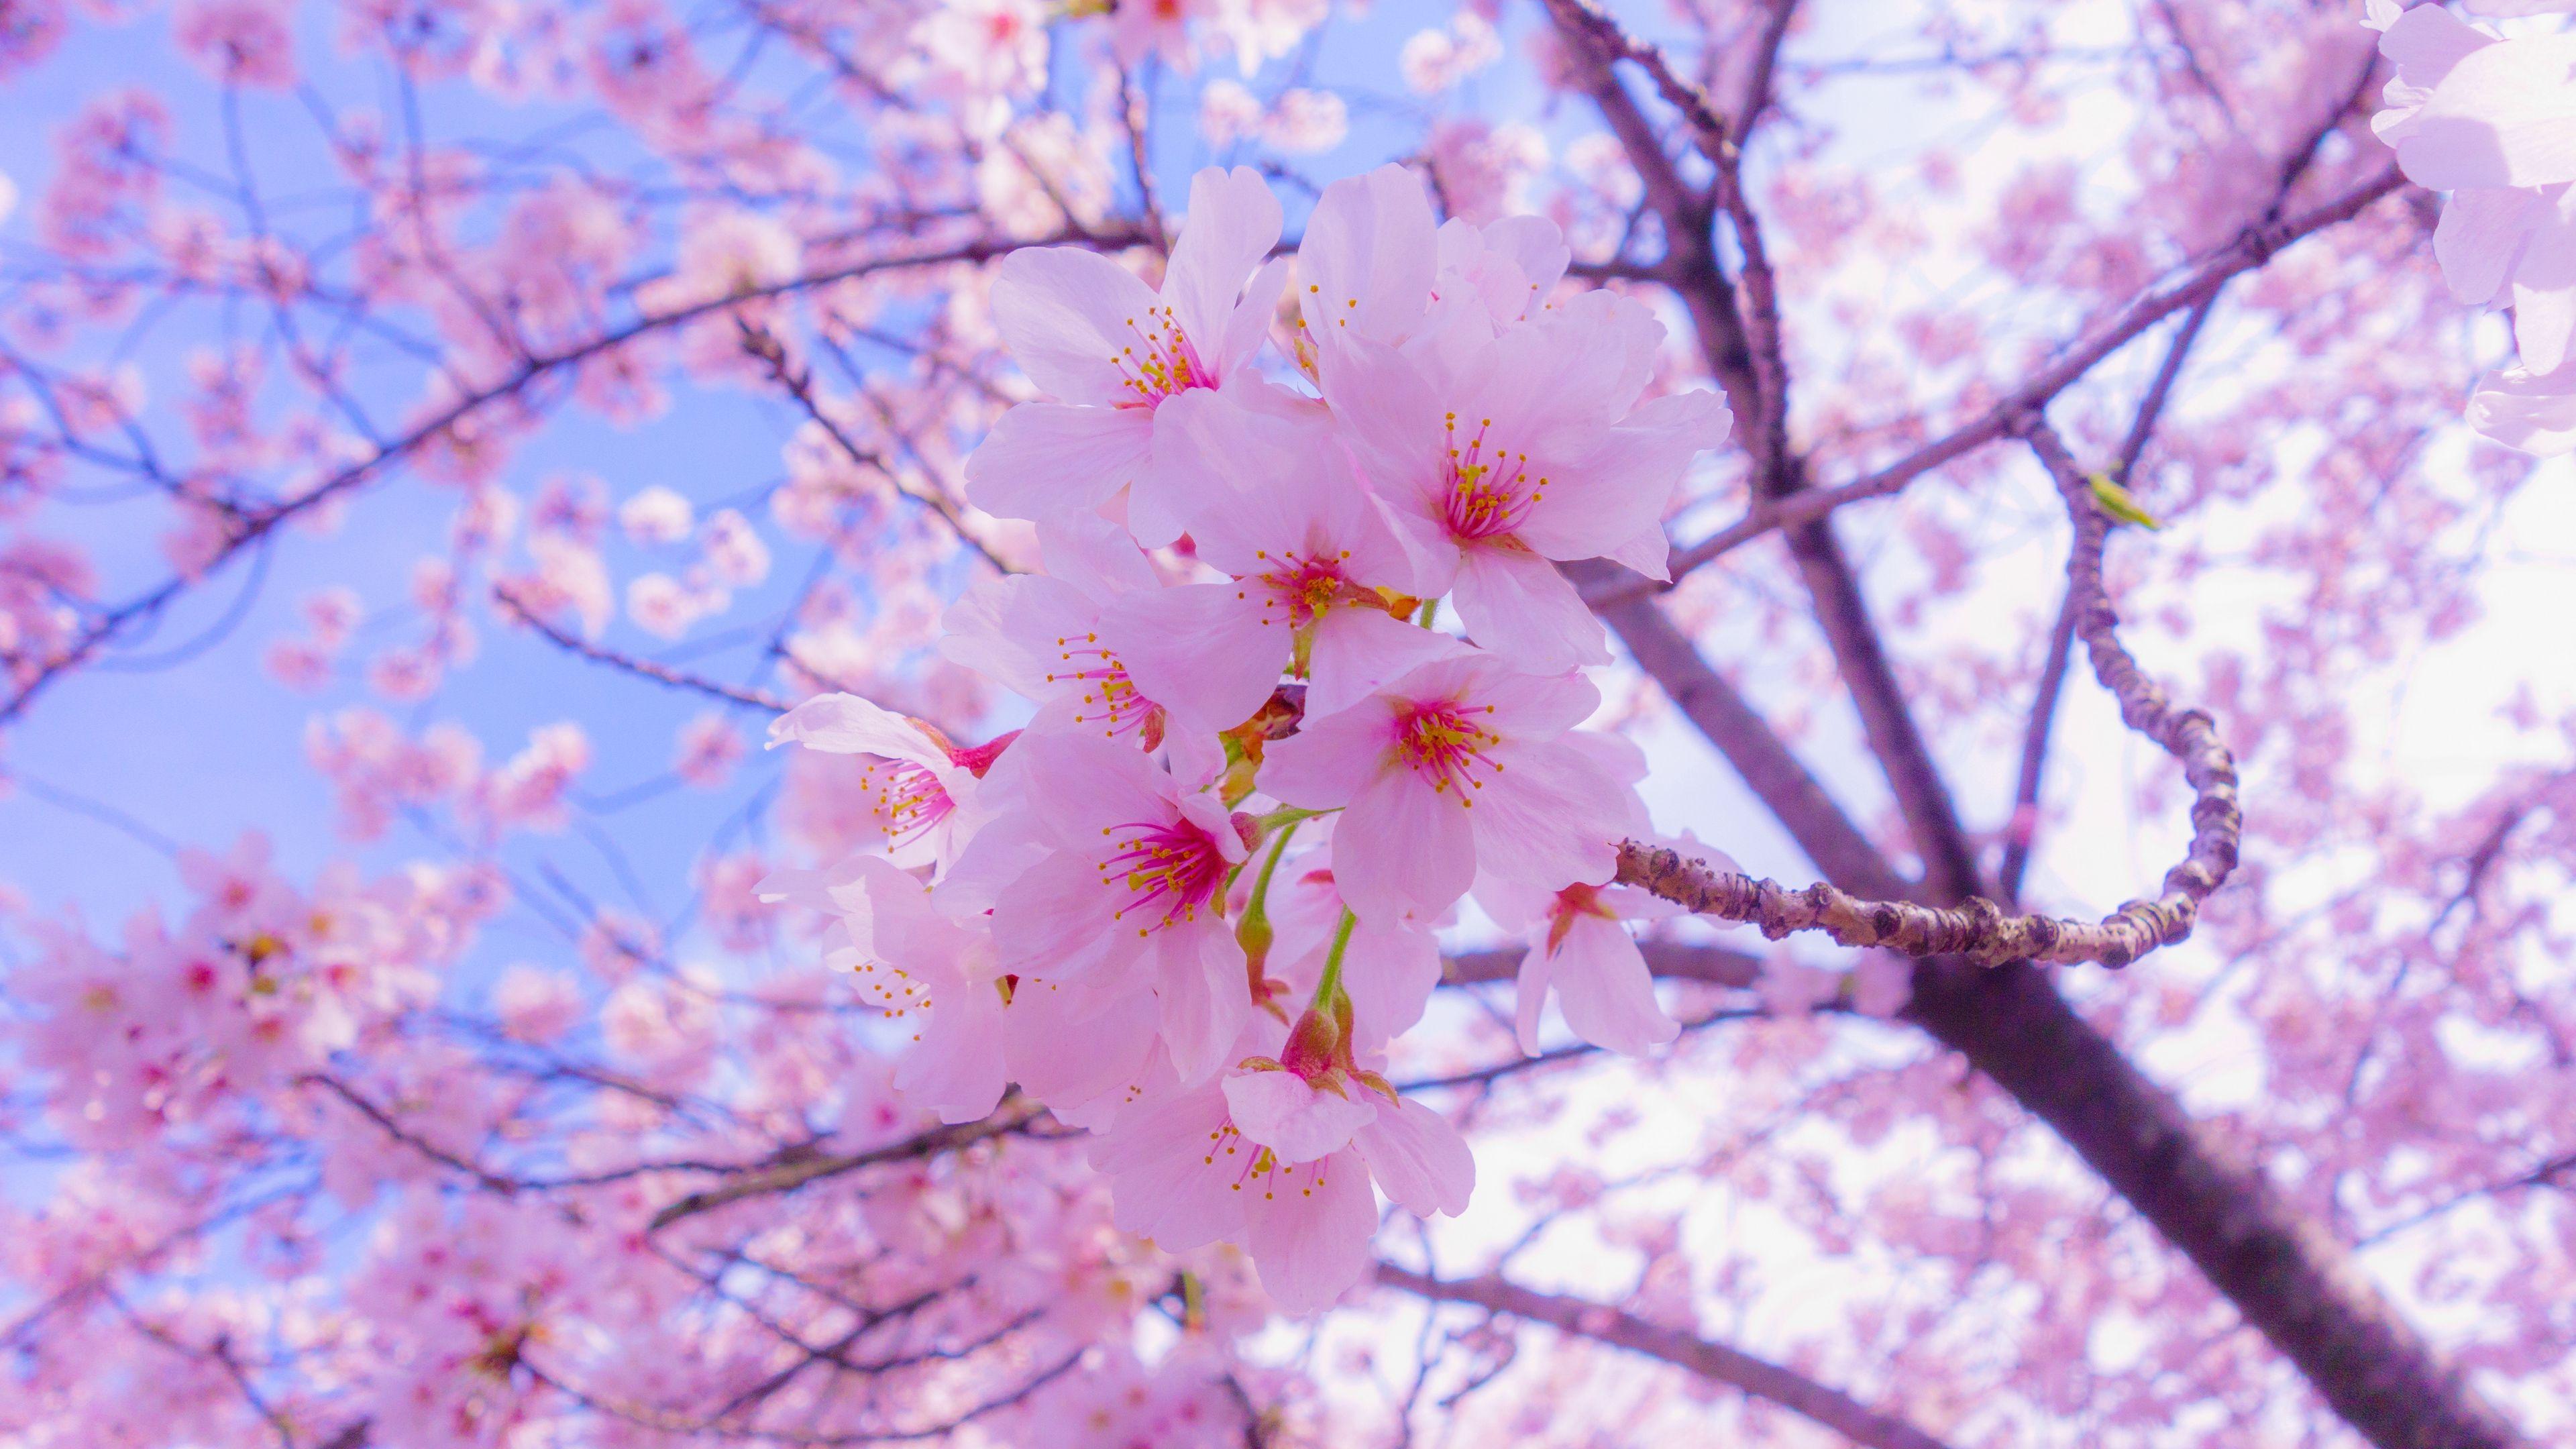 Sakura Flowers 4k Wallpaper Sakura Flower Cherry Blossom Wallpaper Flower Images Wallpapers